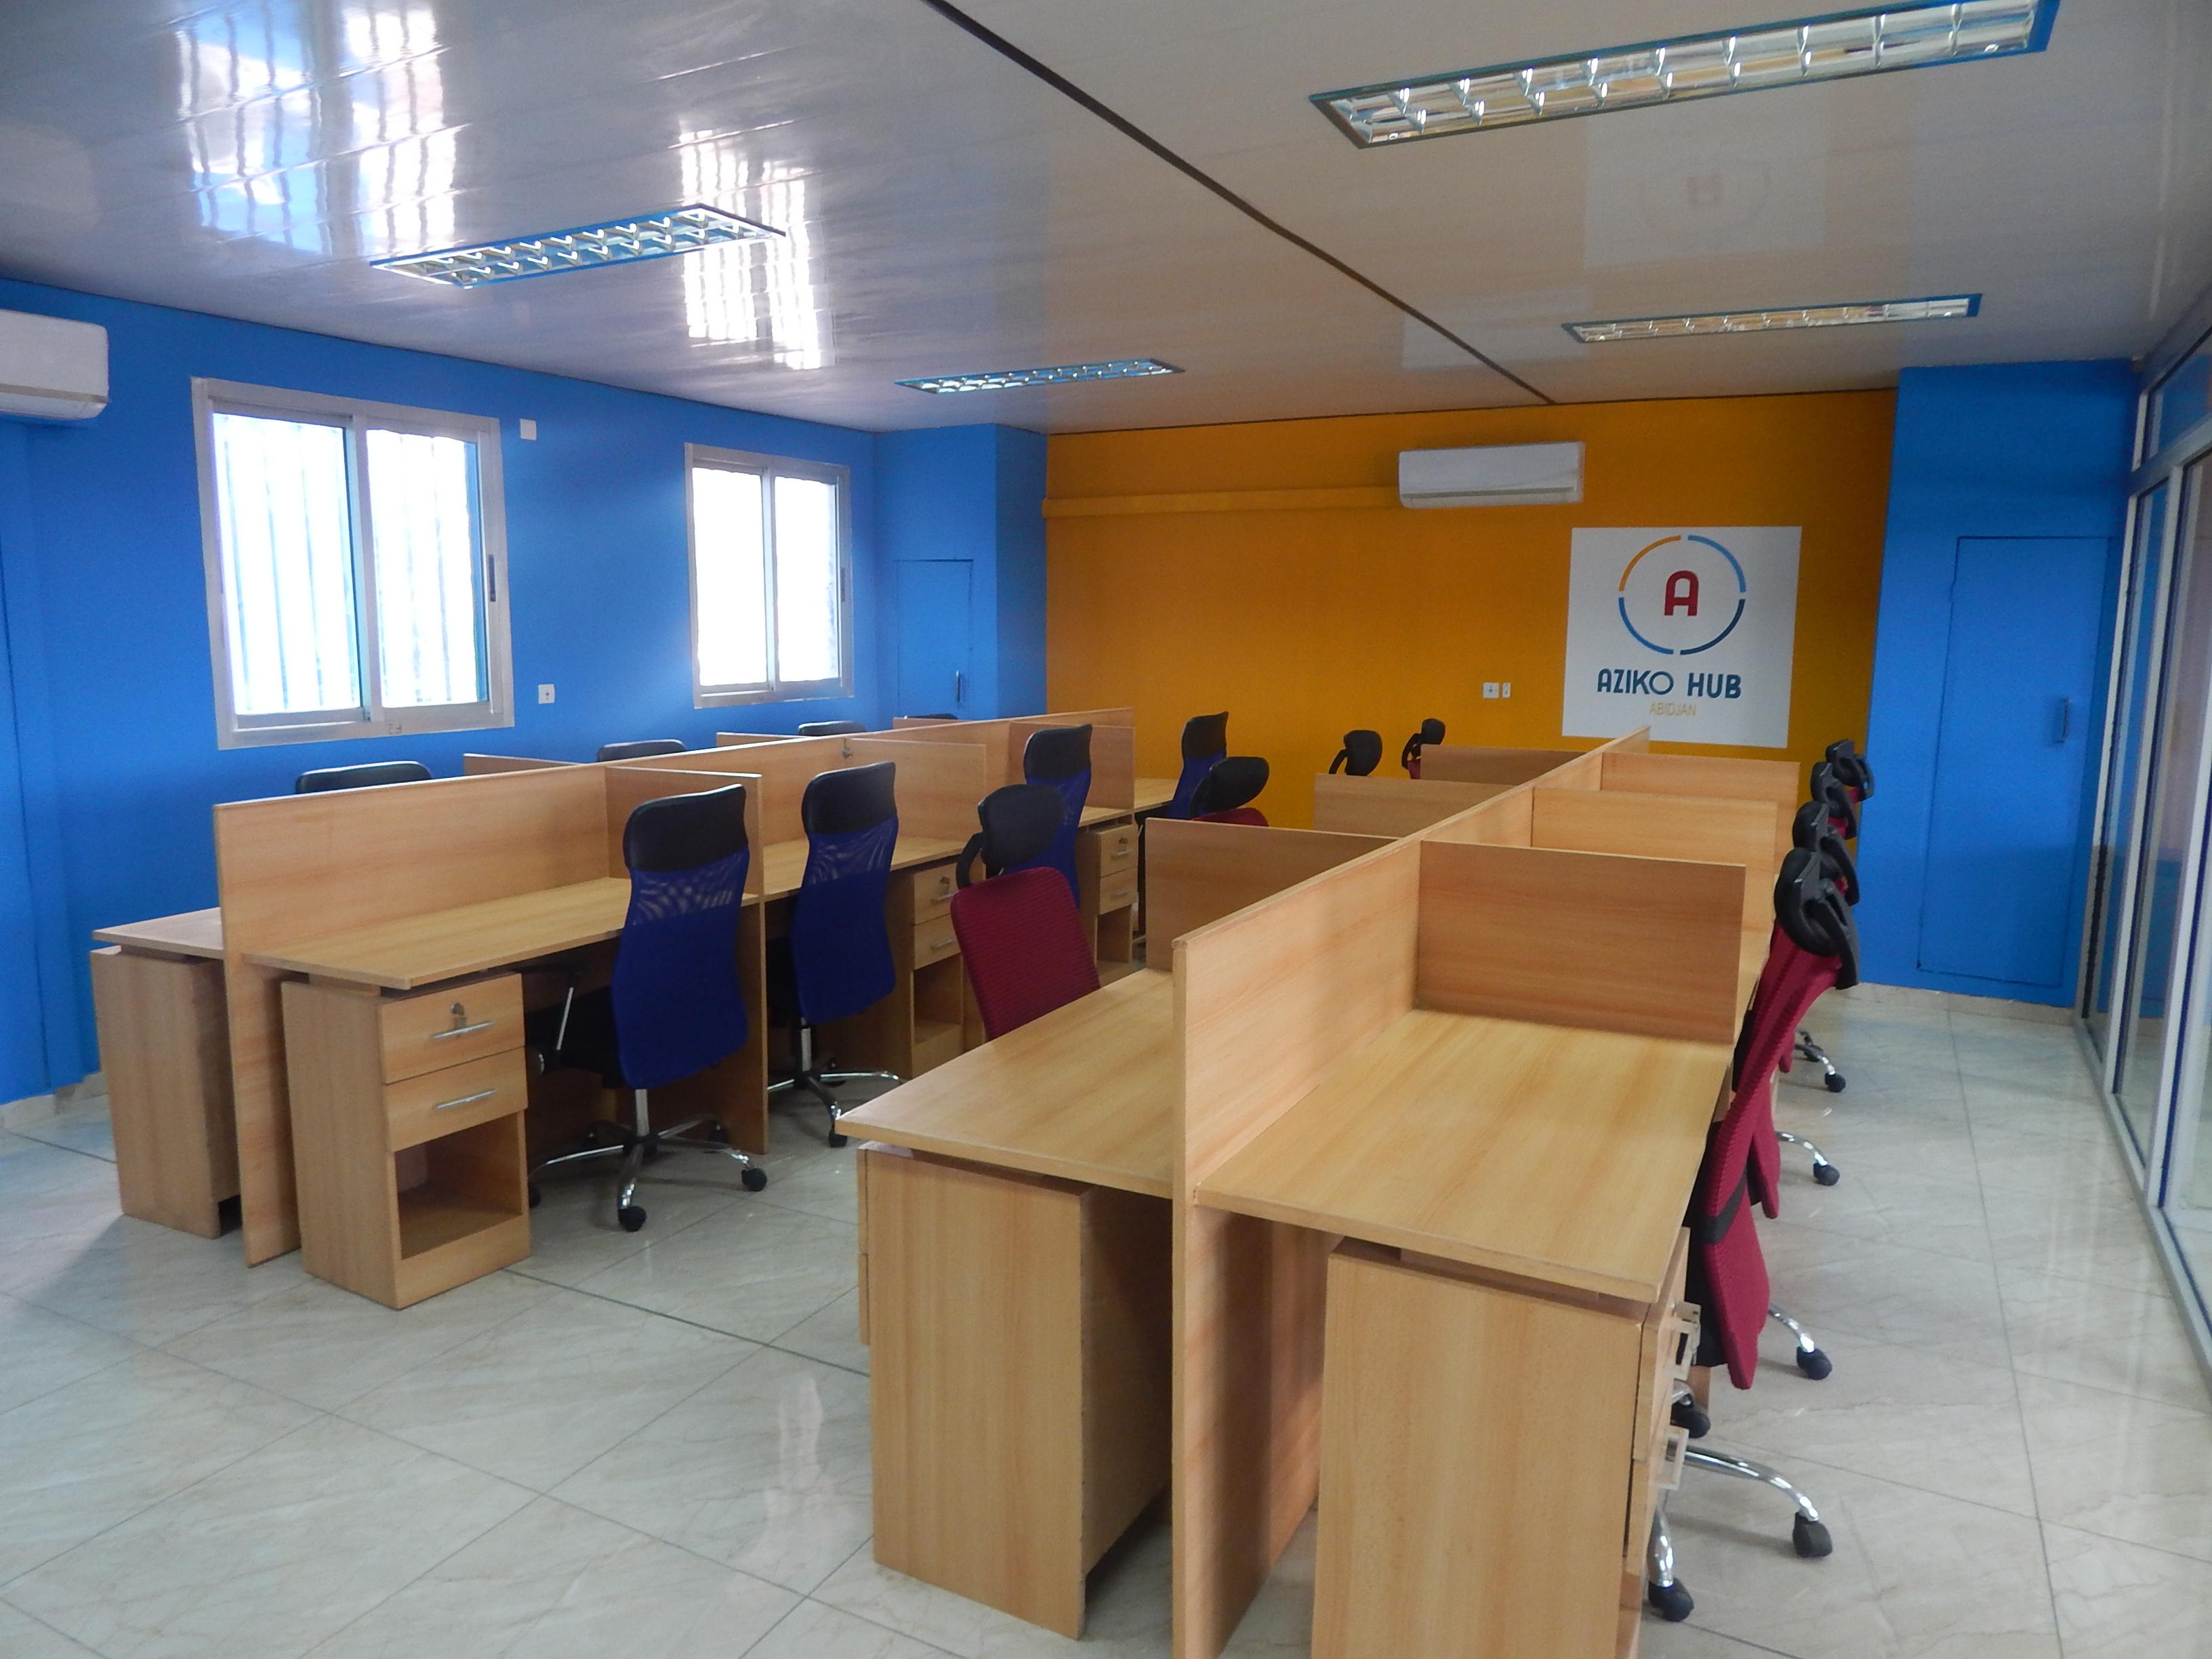 Le barcamp